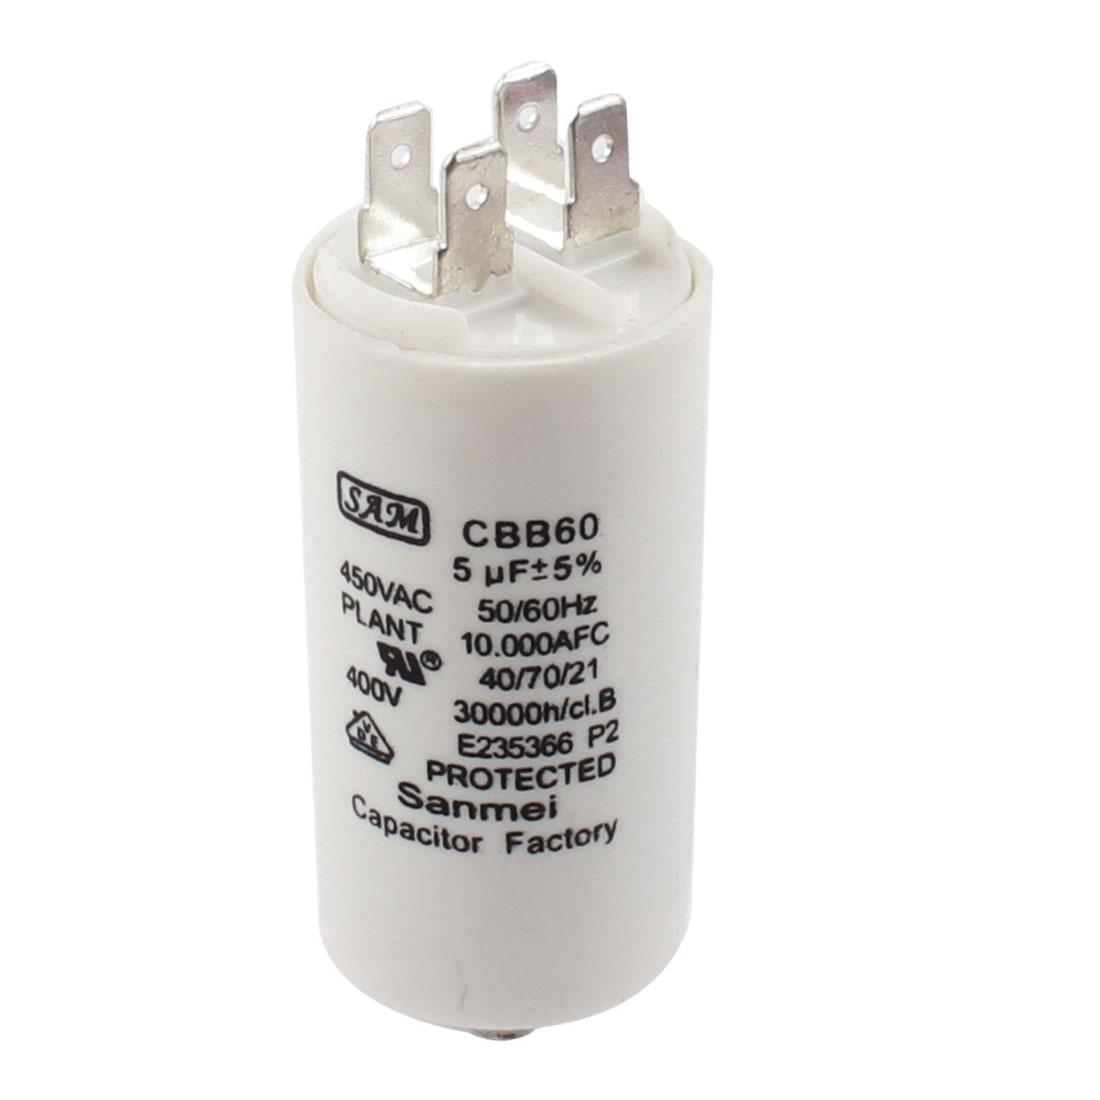 5uF AC450V 5% CBB60 Non Polar 4 Pins Washers Motor Run Capacitor